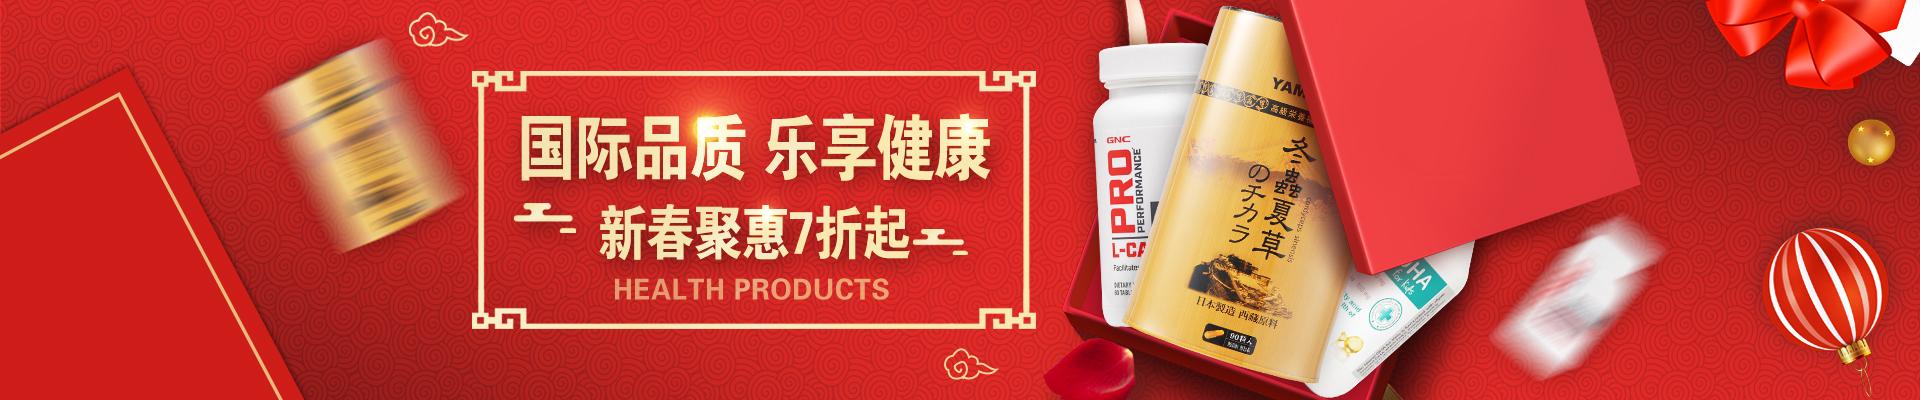 全球知名品牌,天然的保健品,GNC、 Bio Island 、Doppelherz 新春聚惠7折起!